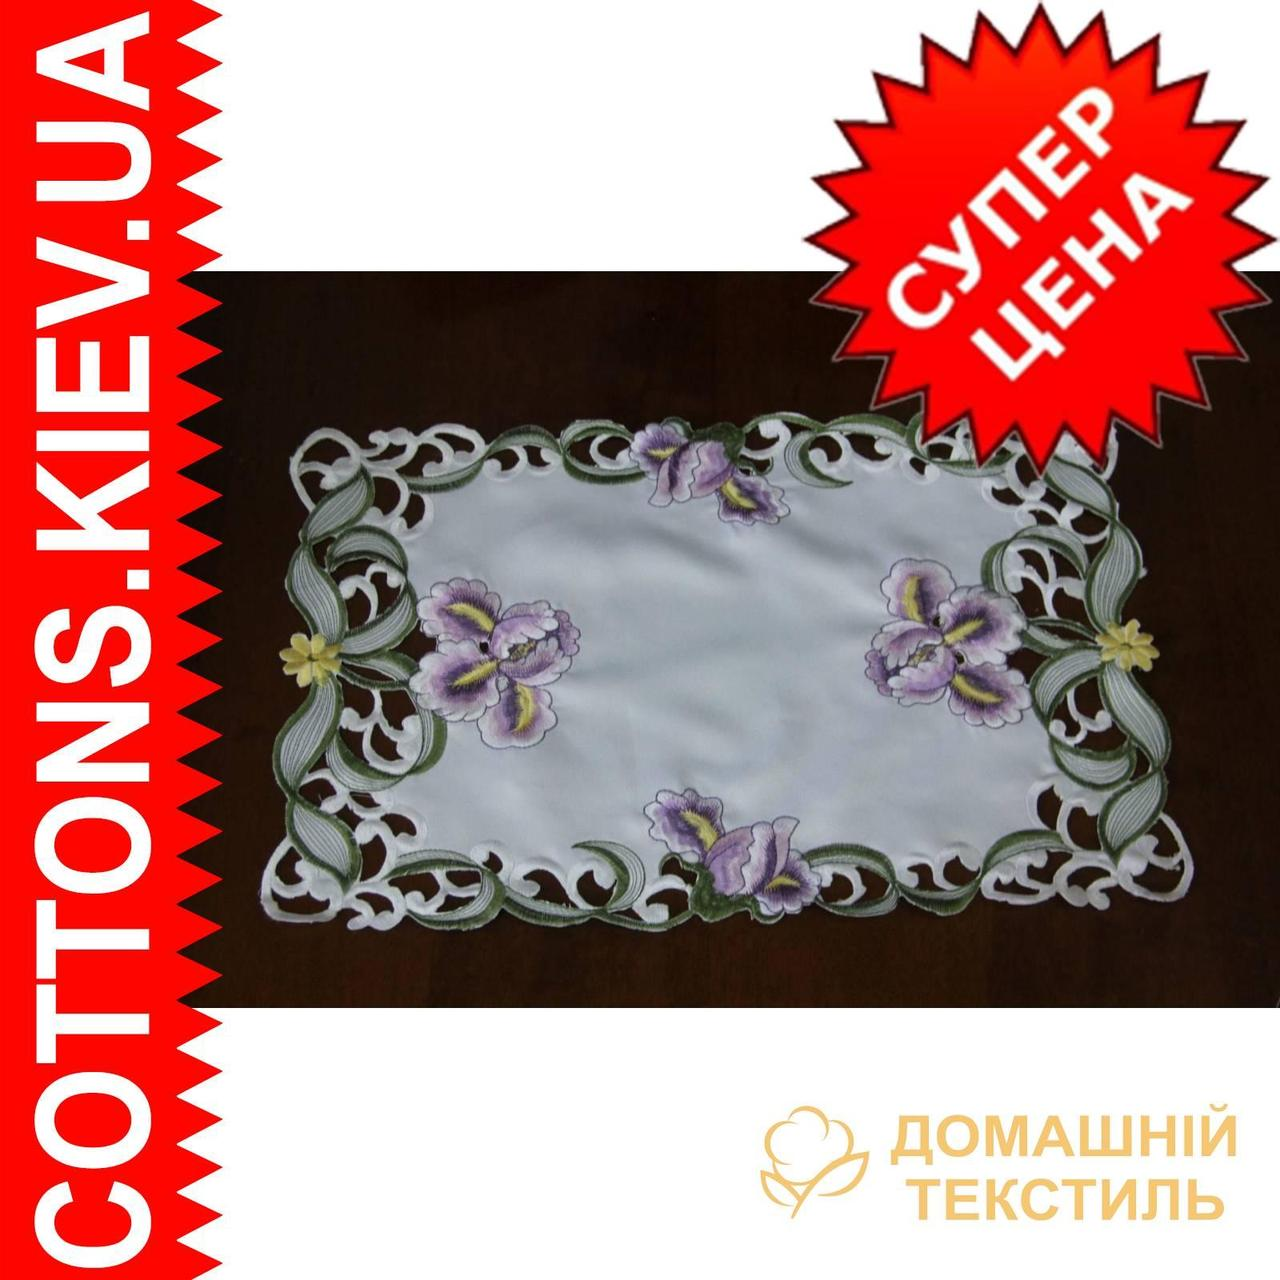 Салфетка прямоугольная 30*45 ирисы - Стиль, комфорт, уют - Cottons в Хмельницком